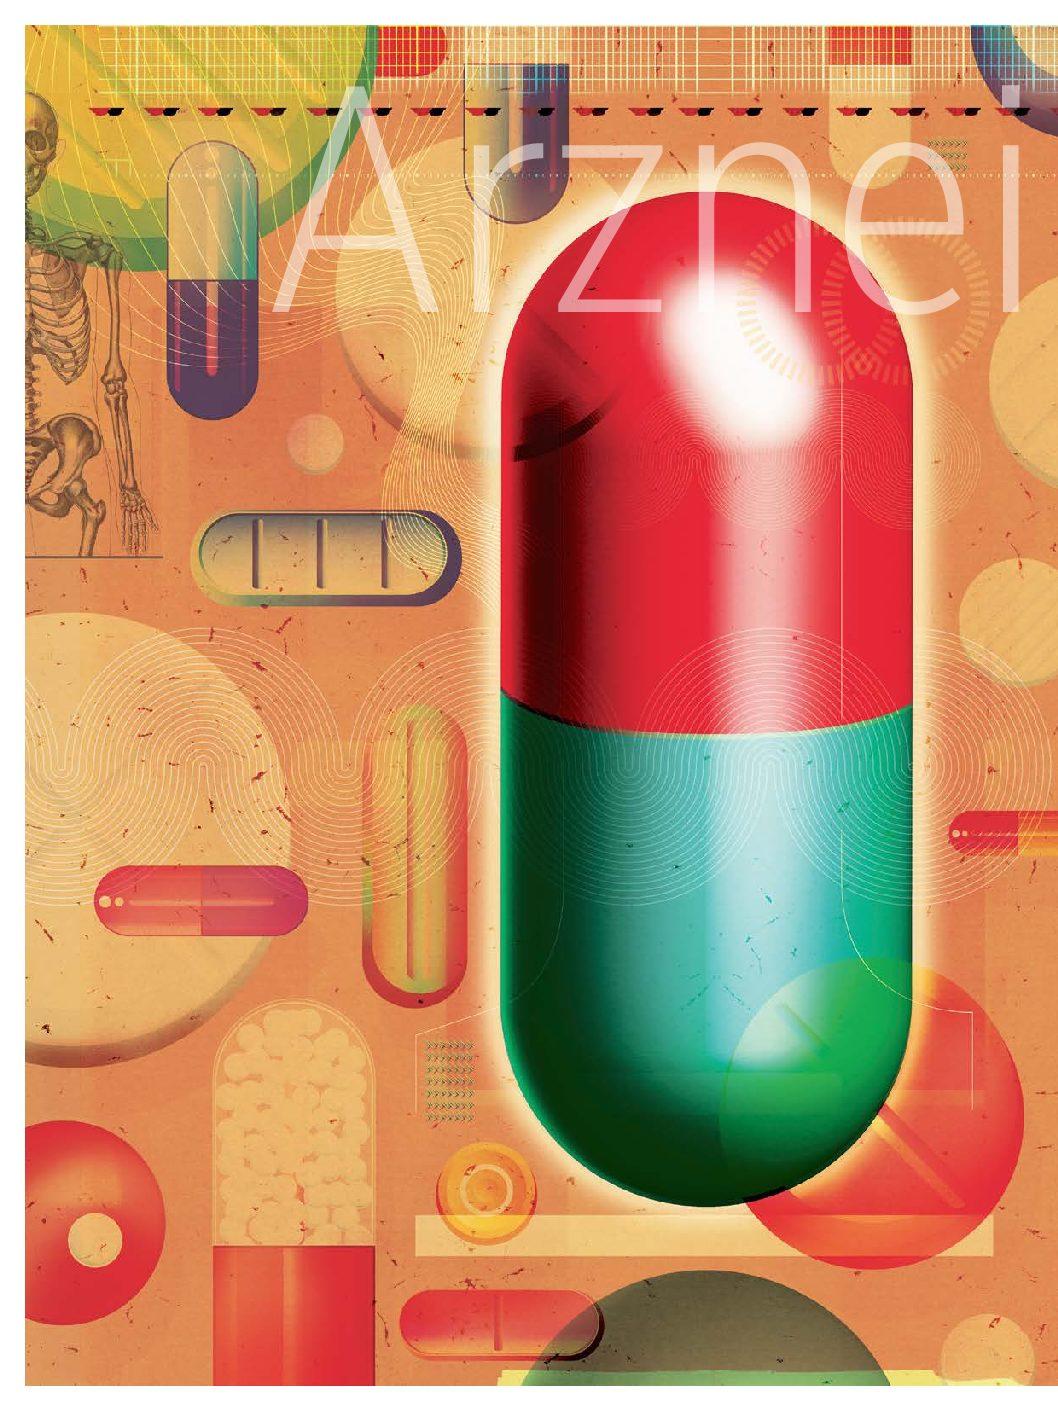 Arzneimittel: Interaktion ist nicht gleich Interaktion – Der Hausarzt